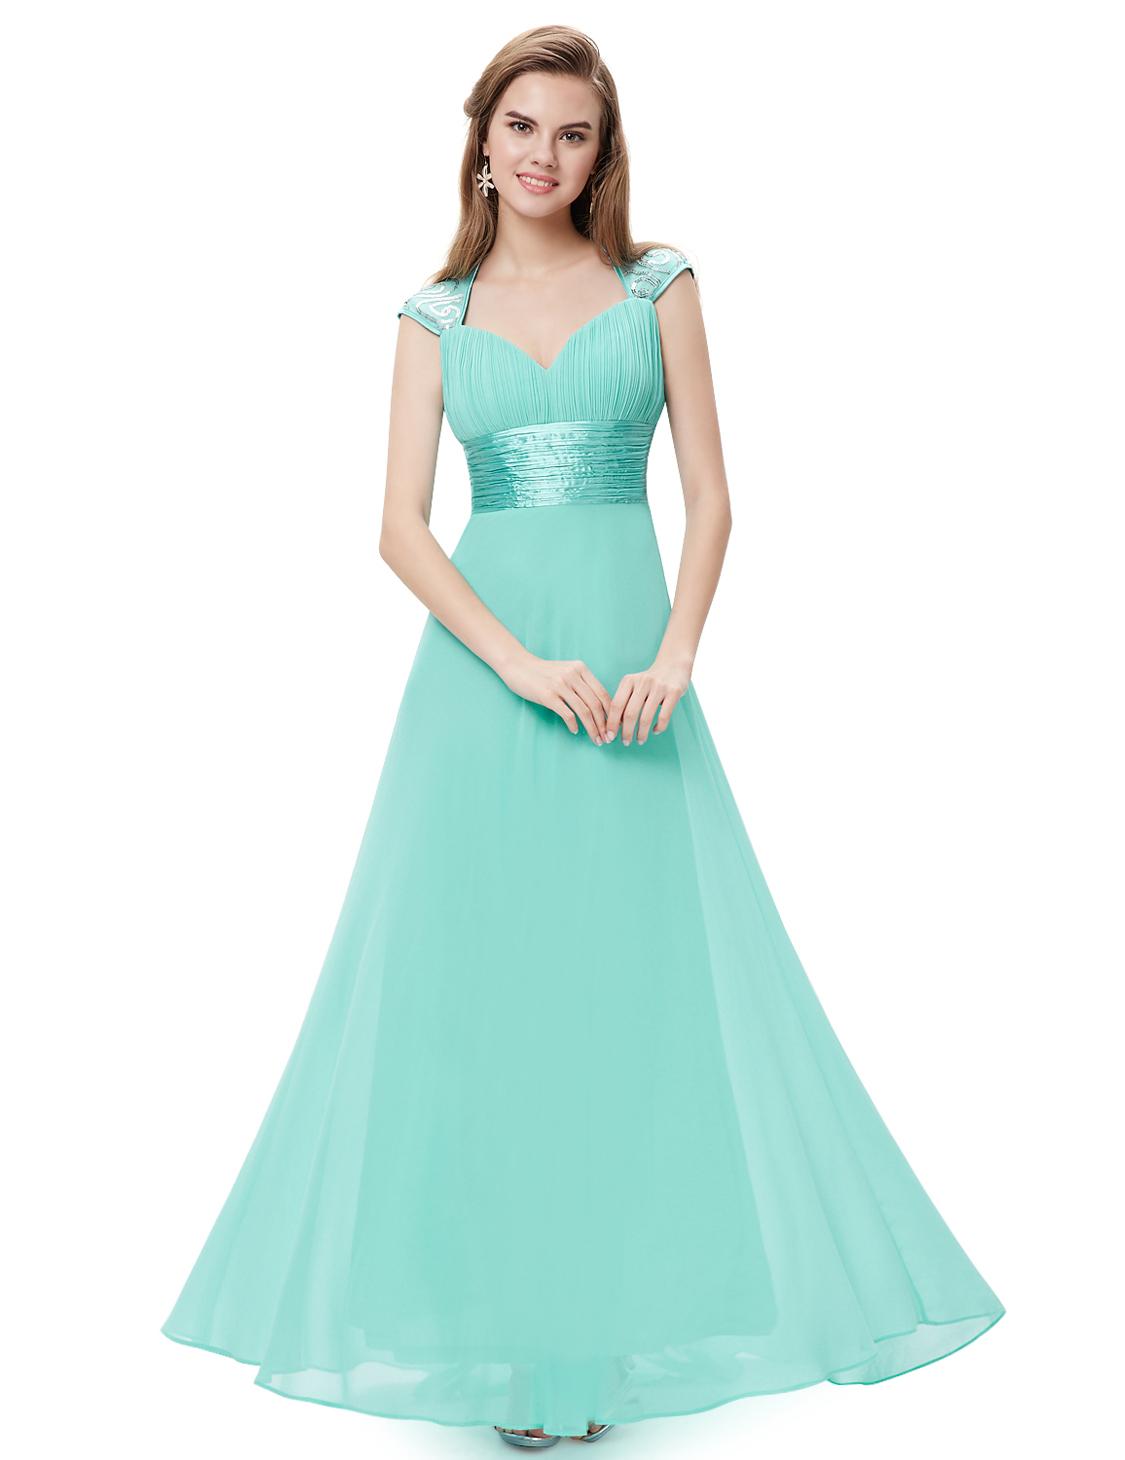 Long maxi chiffon bridesmaid dresses formal evening prom gown ever long maxi chiffon bridesmaid dresses formal evening prom ombrellifo Gallery